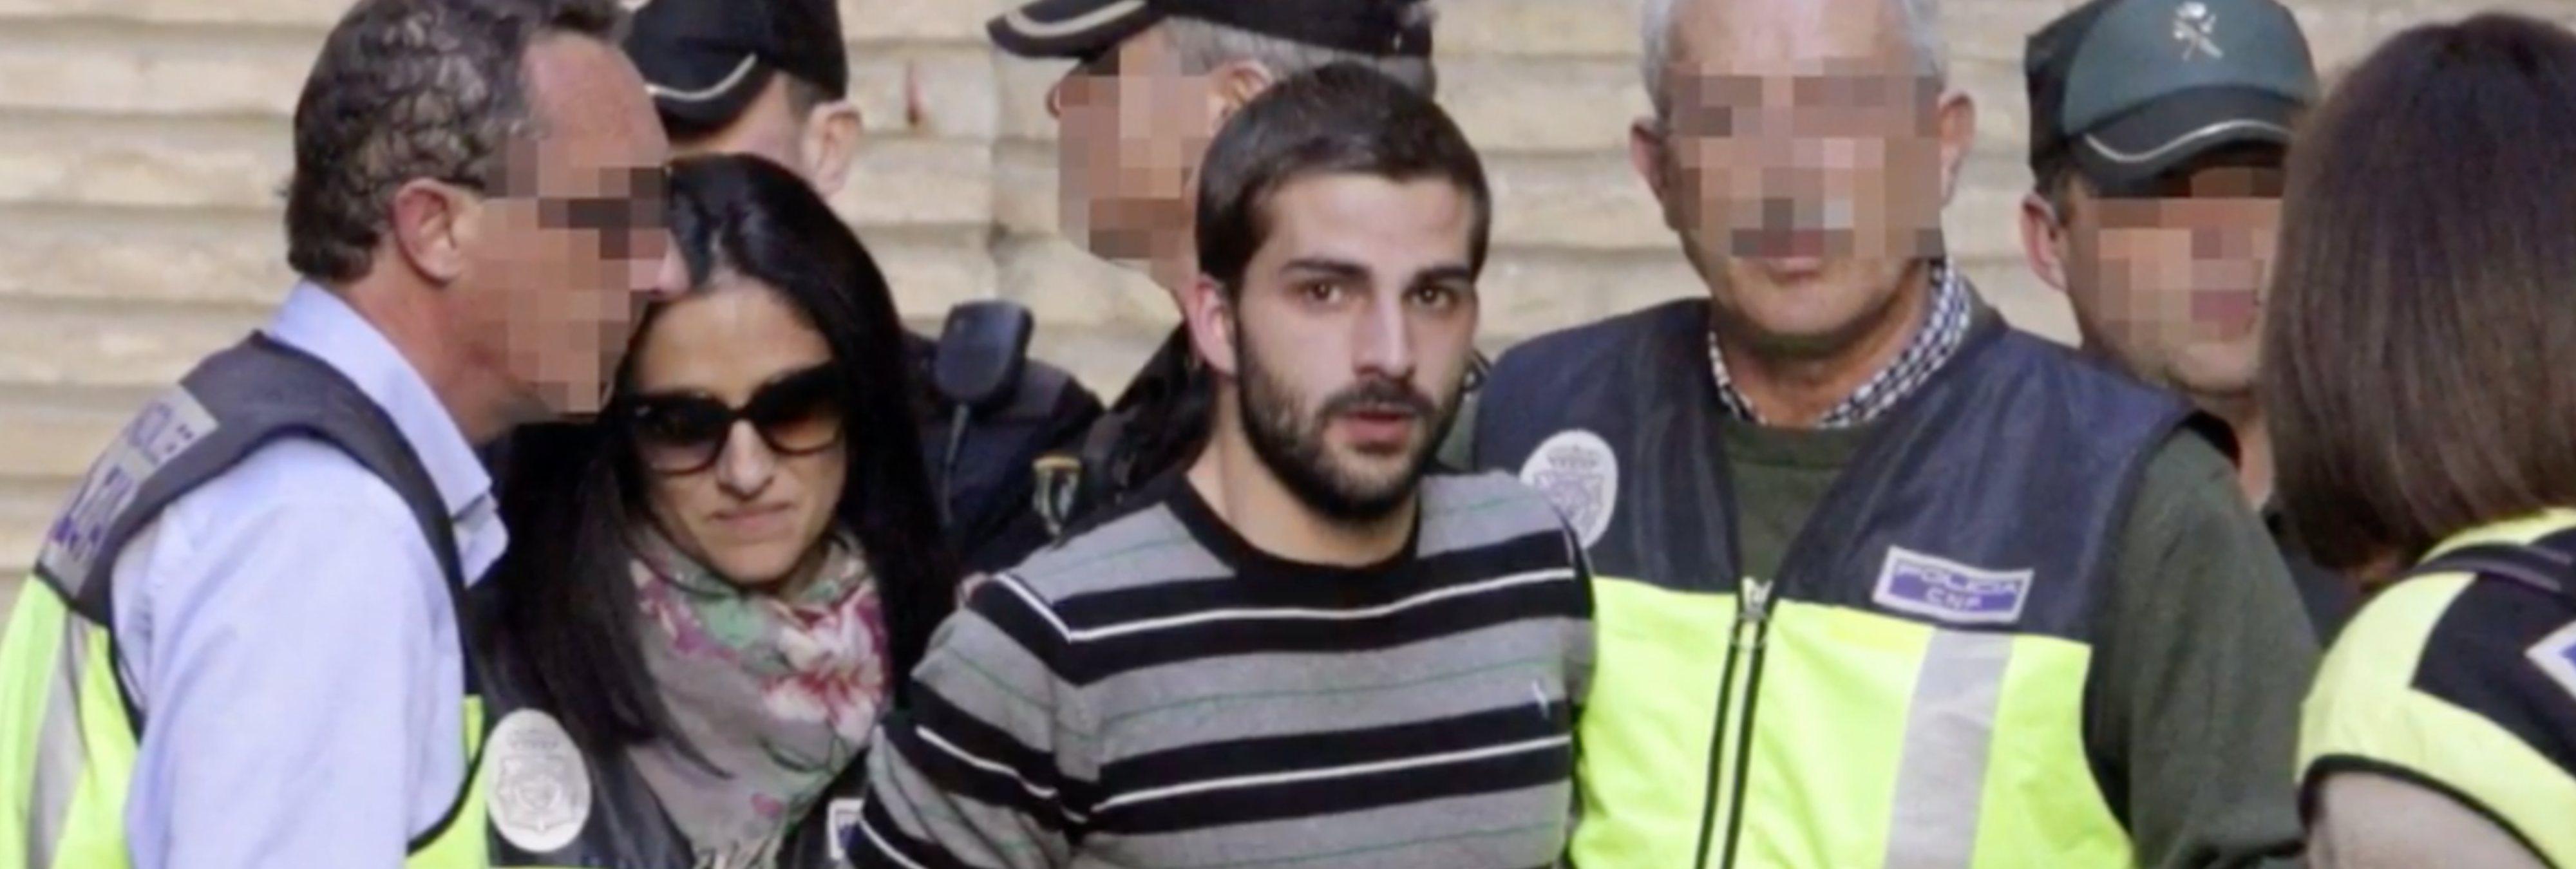 Carcaño pide indemnizar a la familia de Marta del Castillo ingresando 20 euros al mes